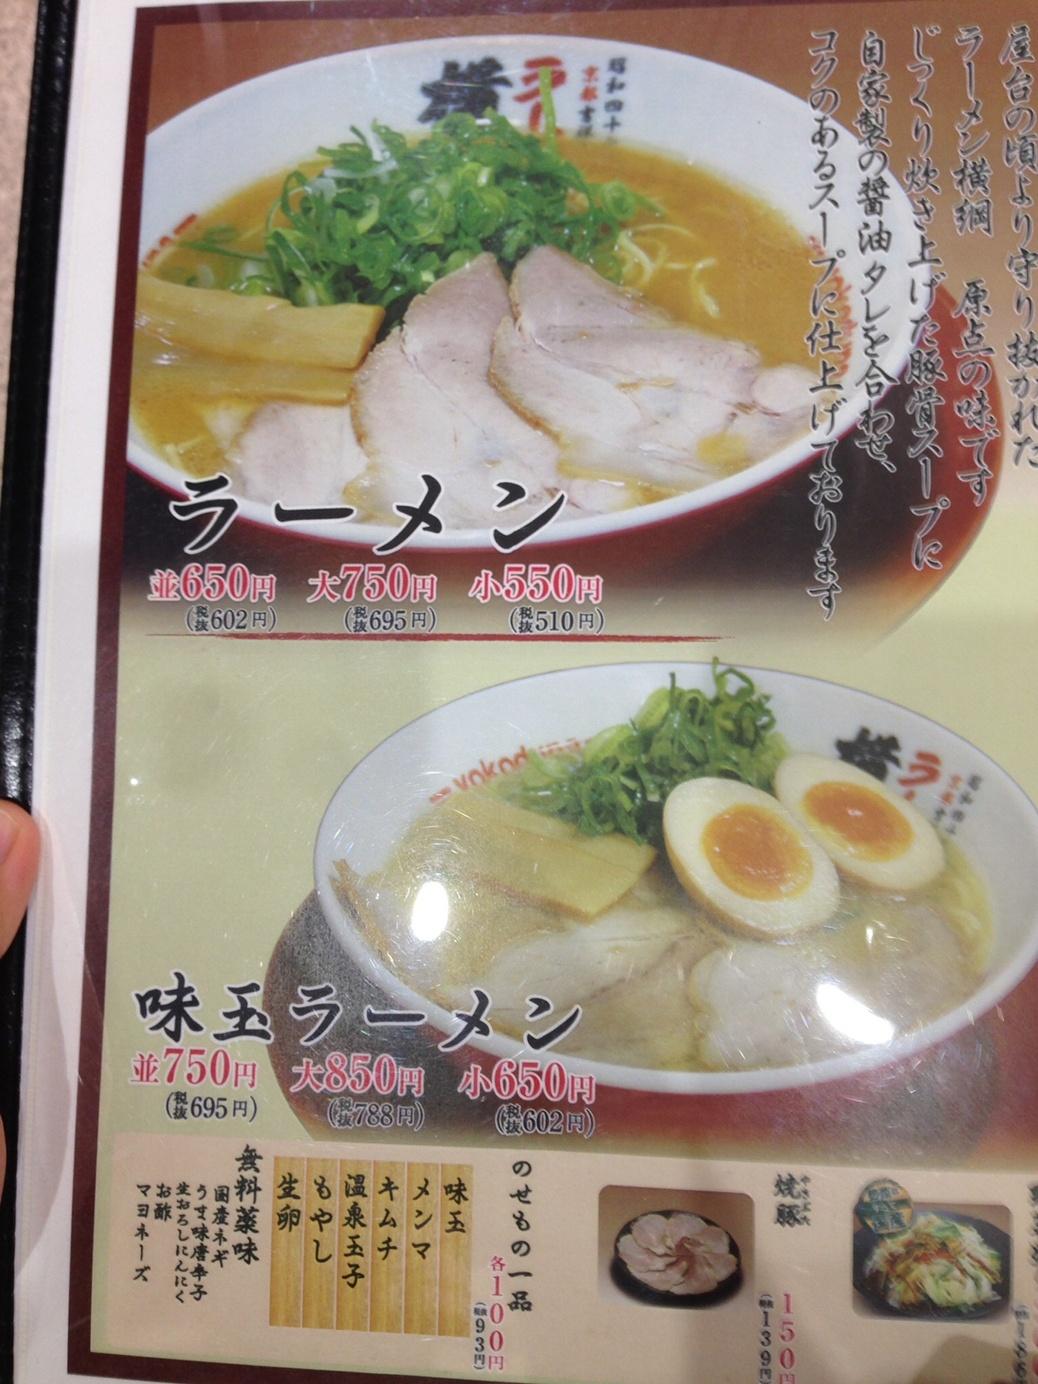 ラーメン 横綱 鈴鹿店